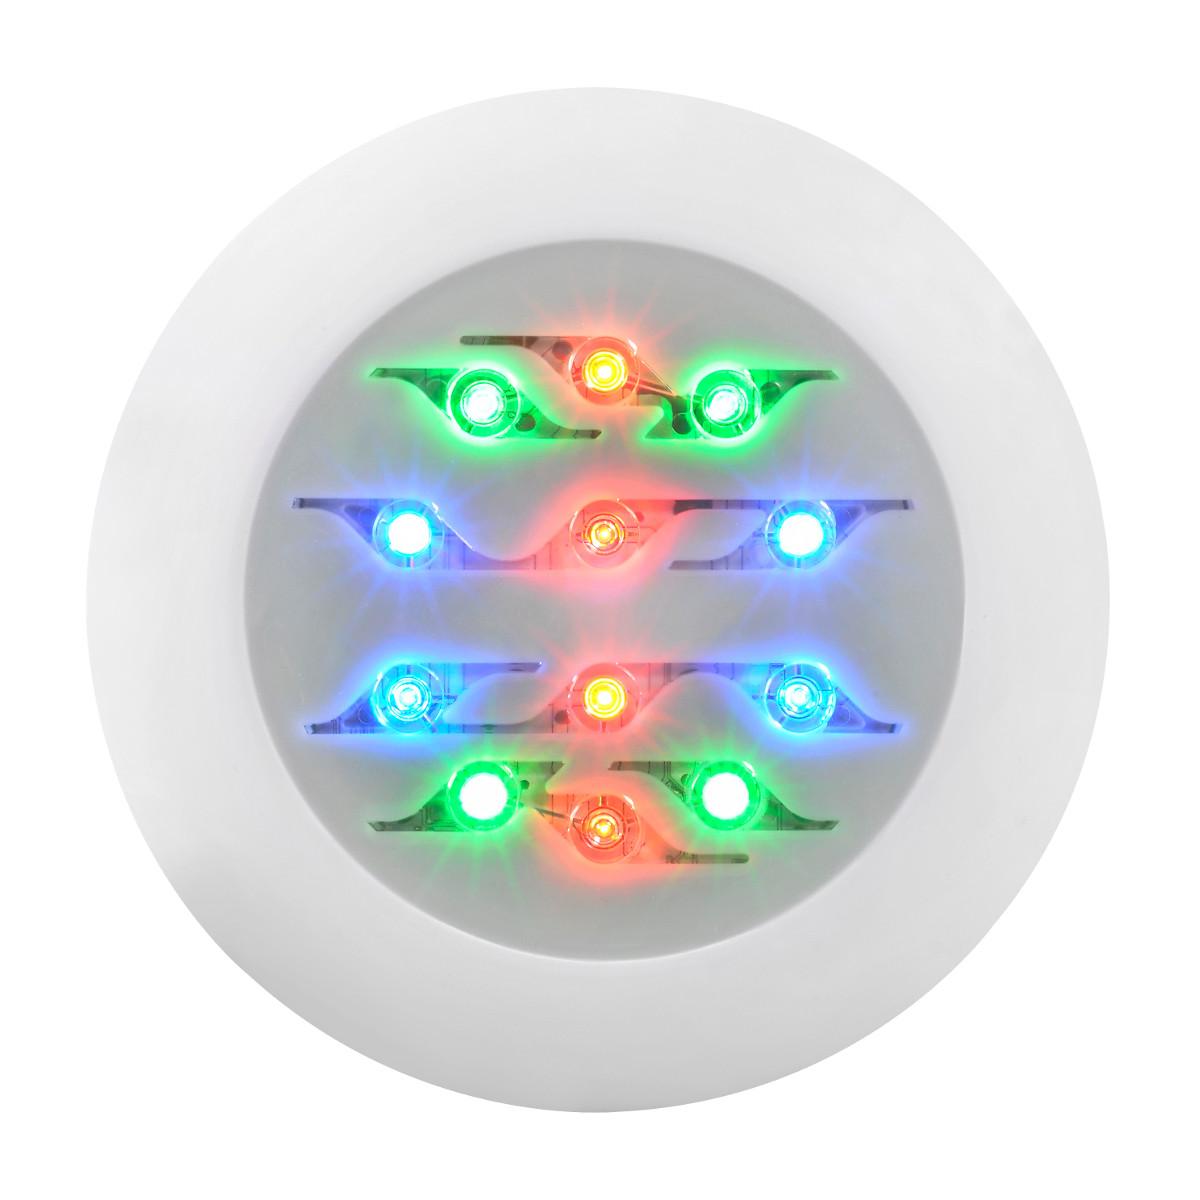 Projecteur 12 leds couleur Easyled EVO blanc | WELTICO